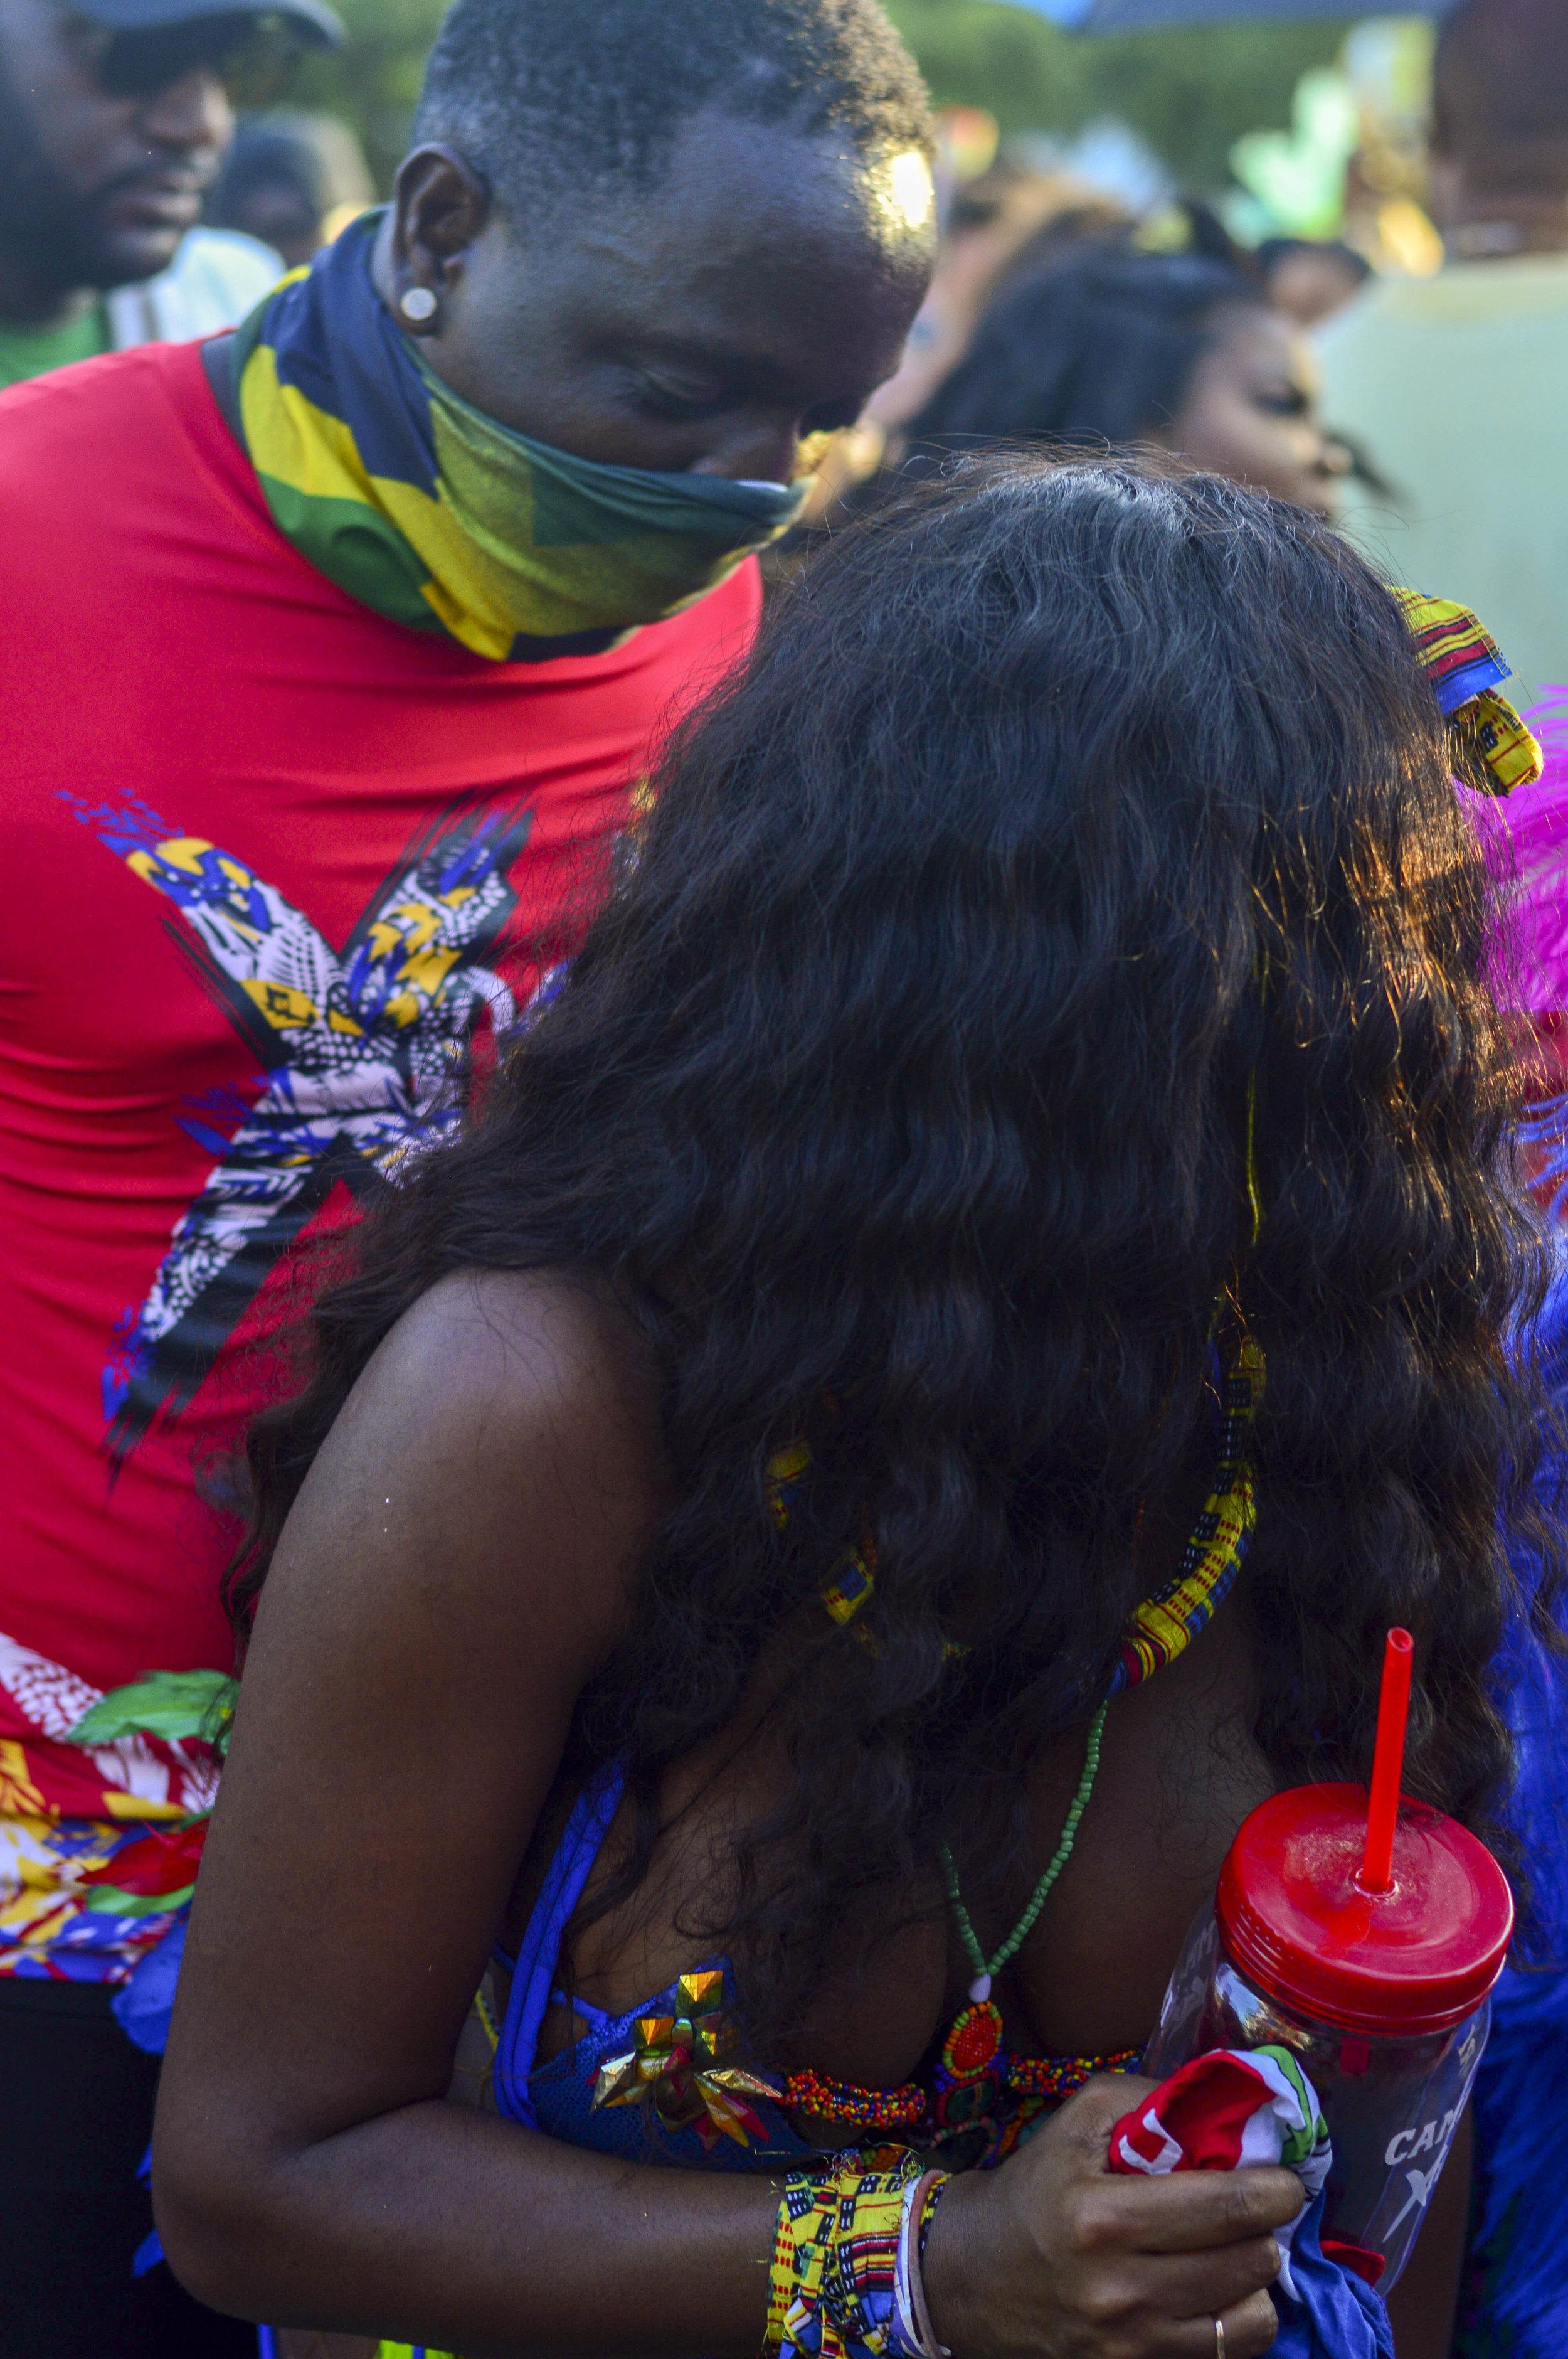 carnival2019_jeanalindo-23.jpg